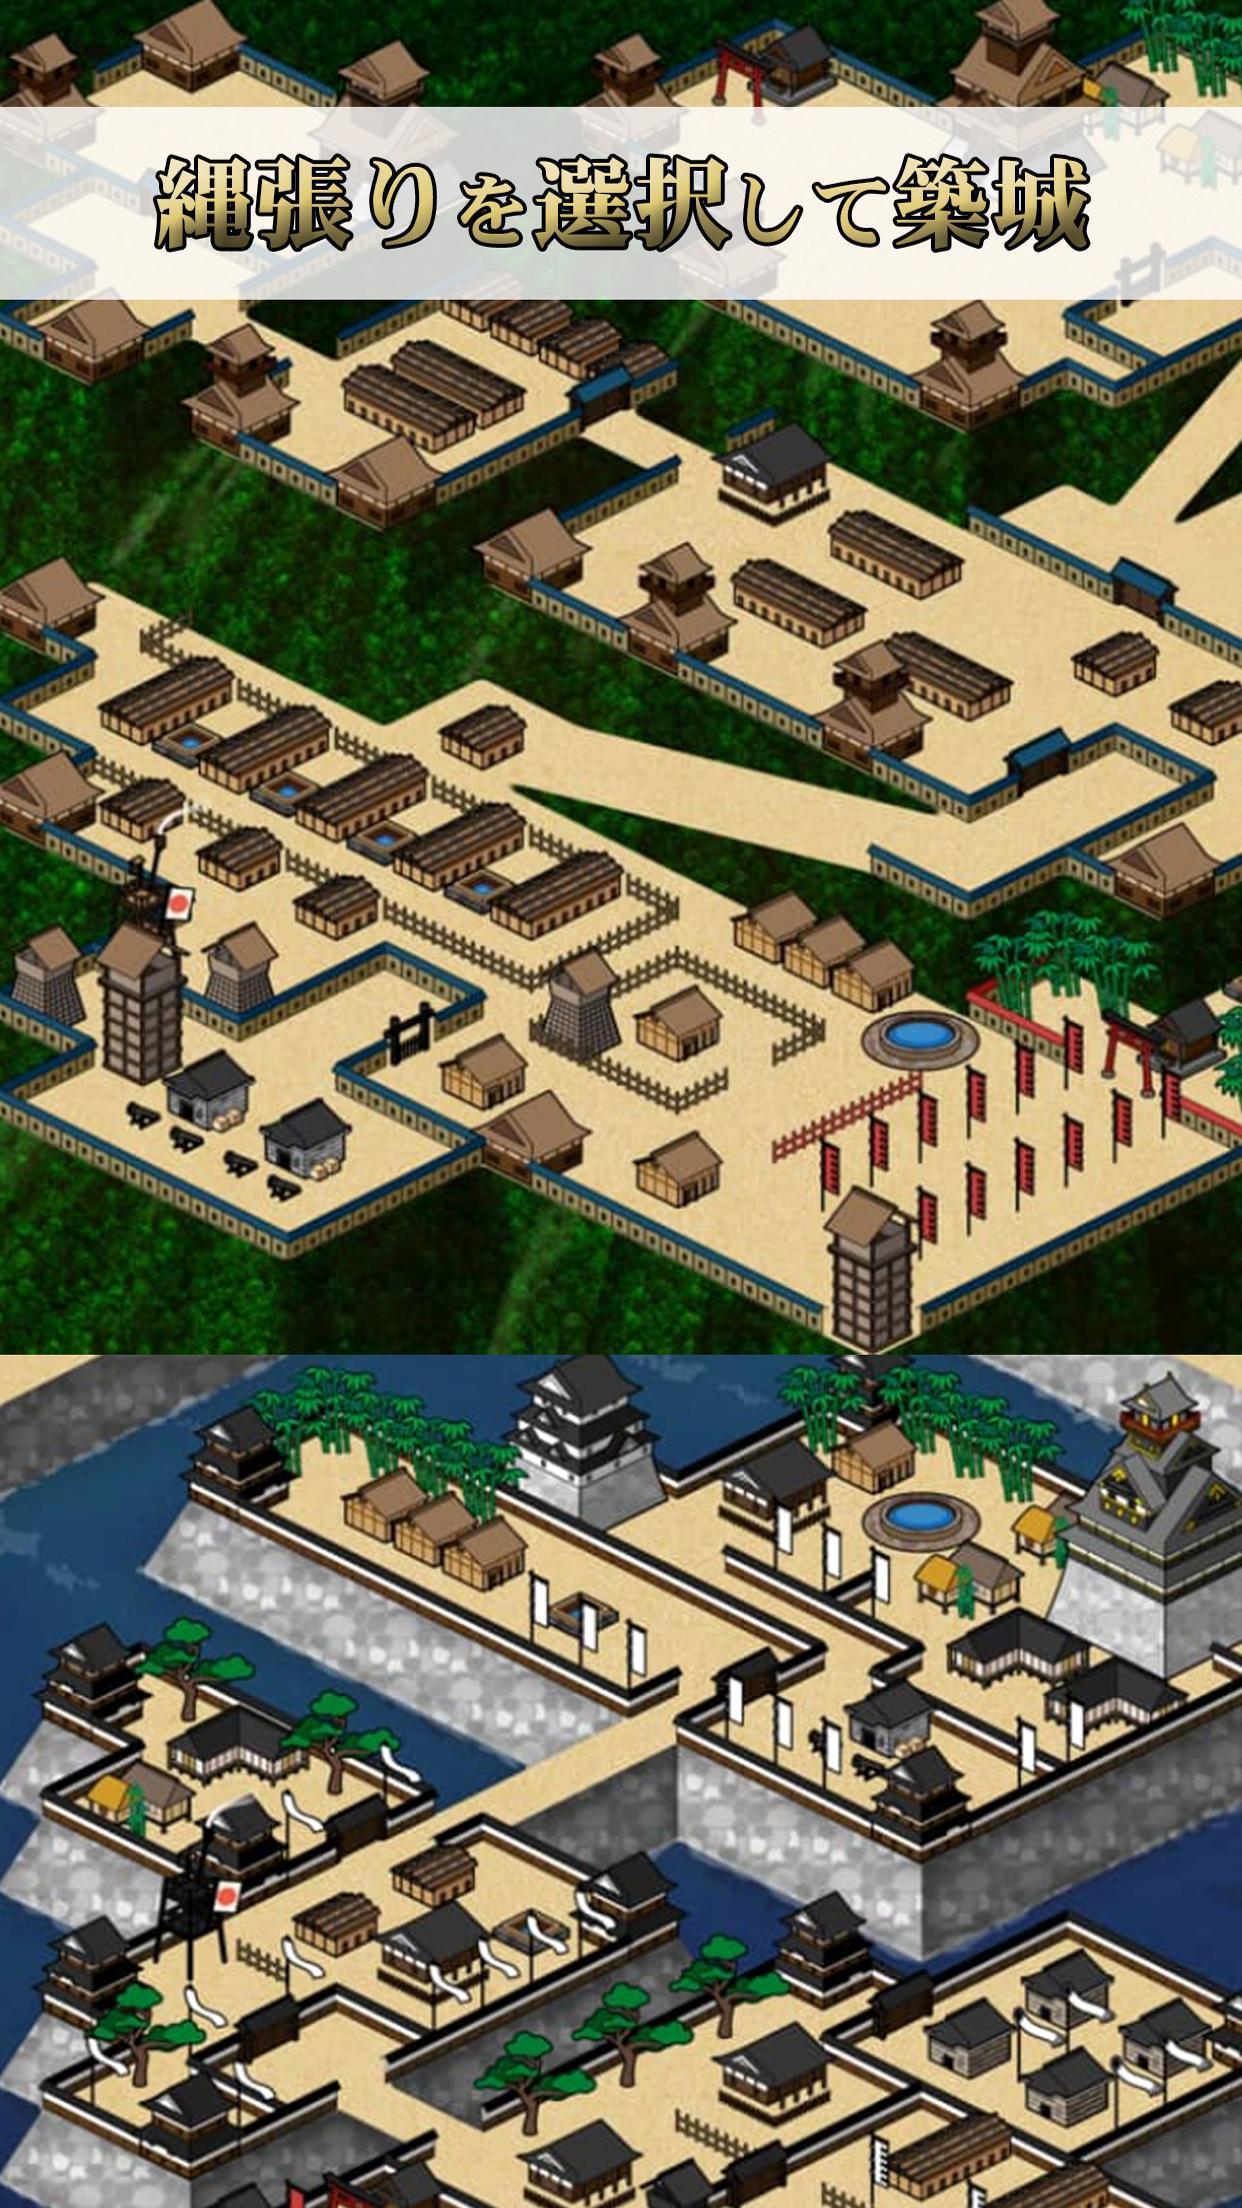 ニッポン城めぐり(無料スタンプラリー・戦国位置ゲーム) 4.6.1 Screenshot 4